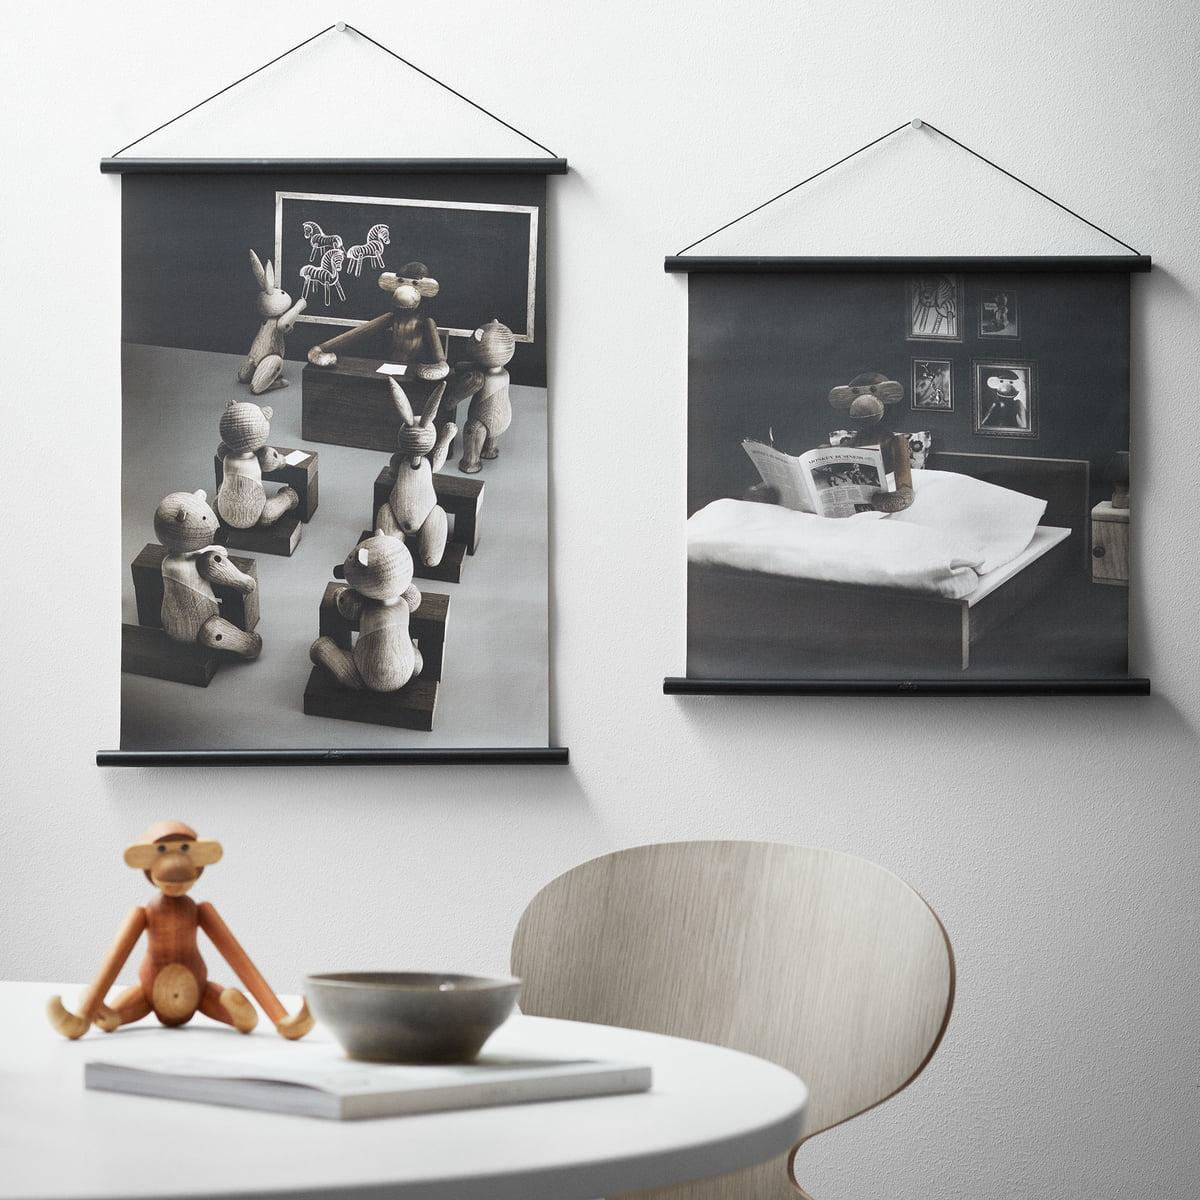 Affe Foto Klassenzimmer inkl. Rahmen von Kay Bojesen